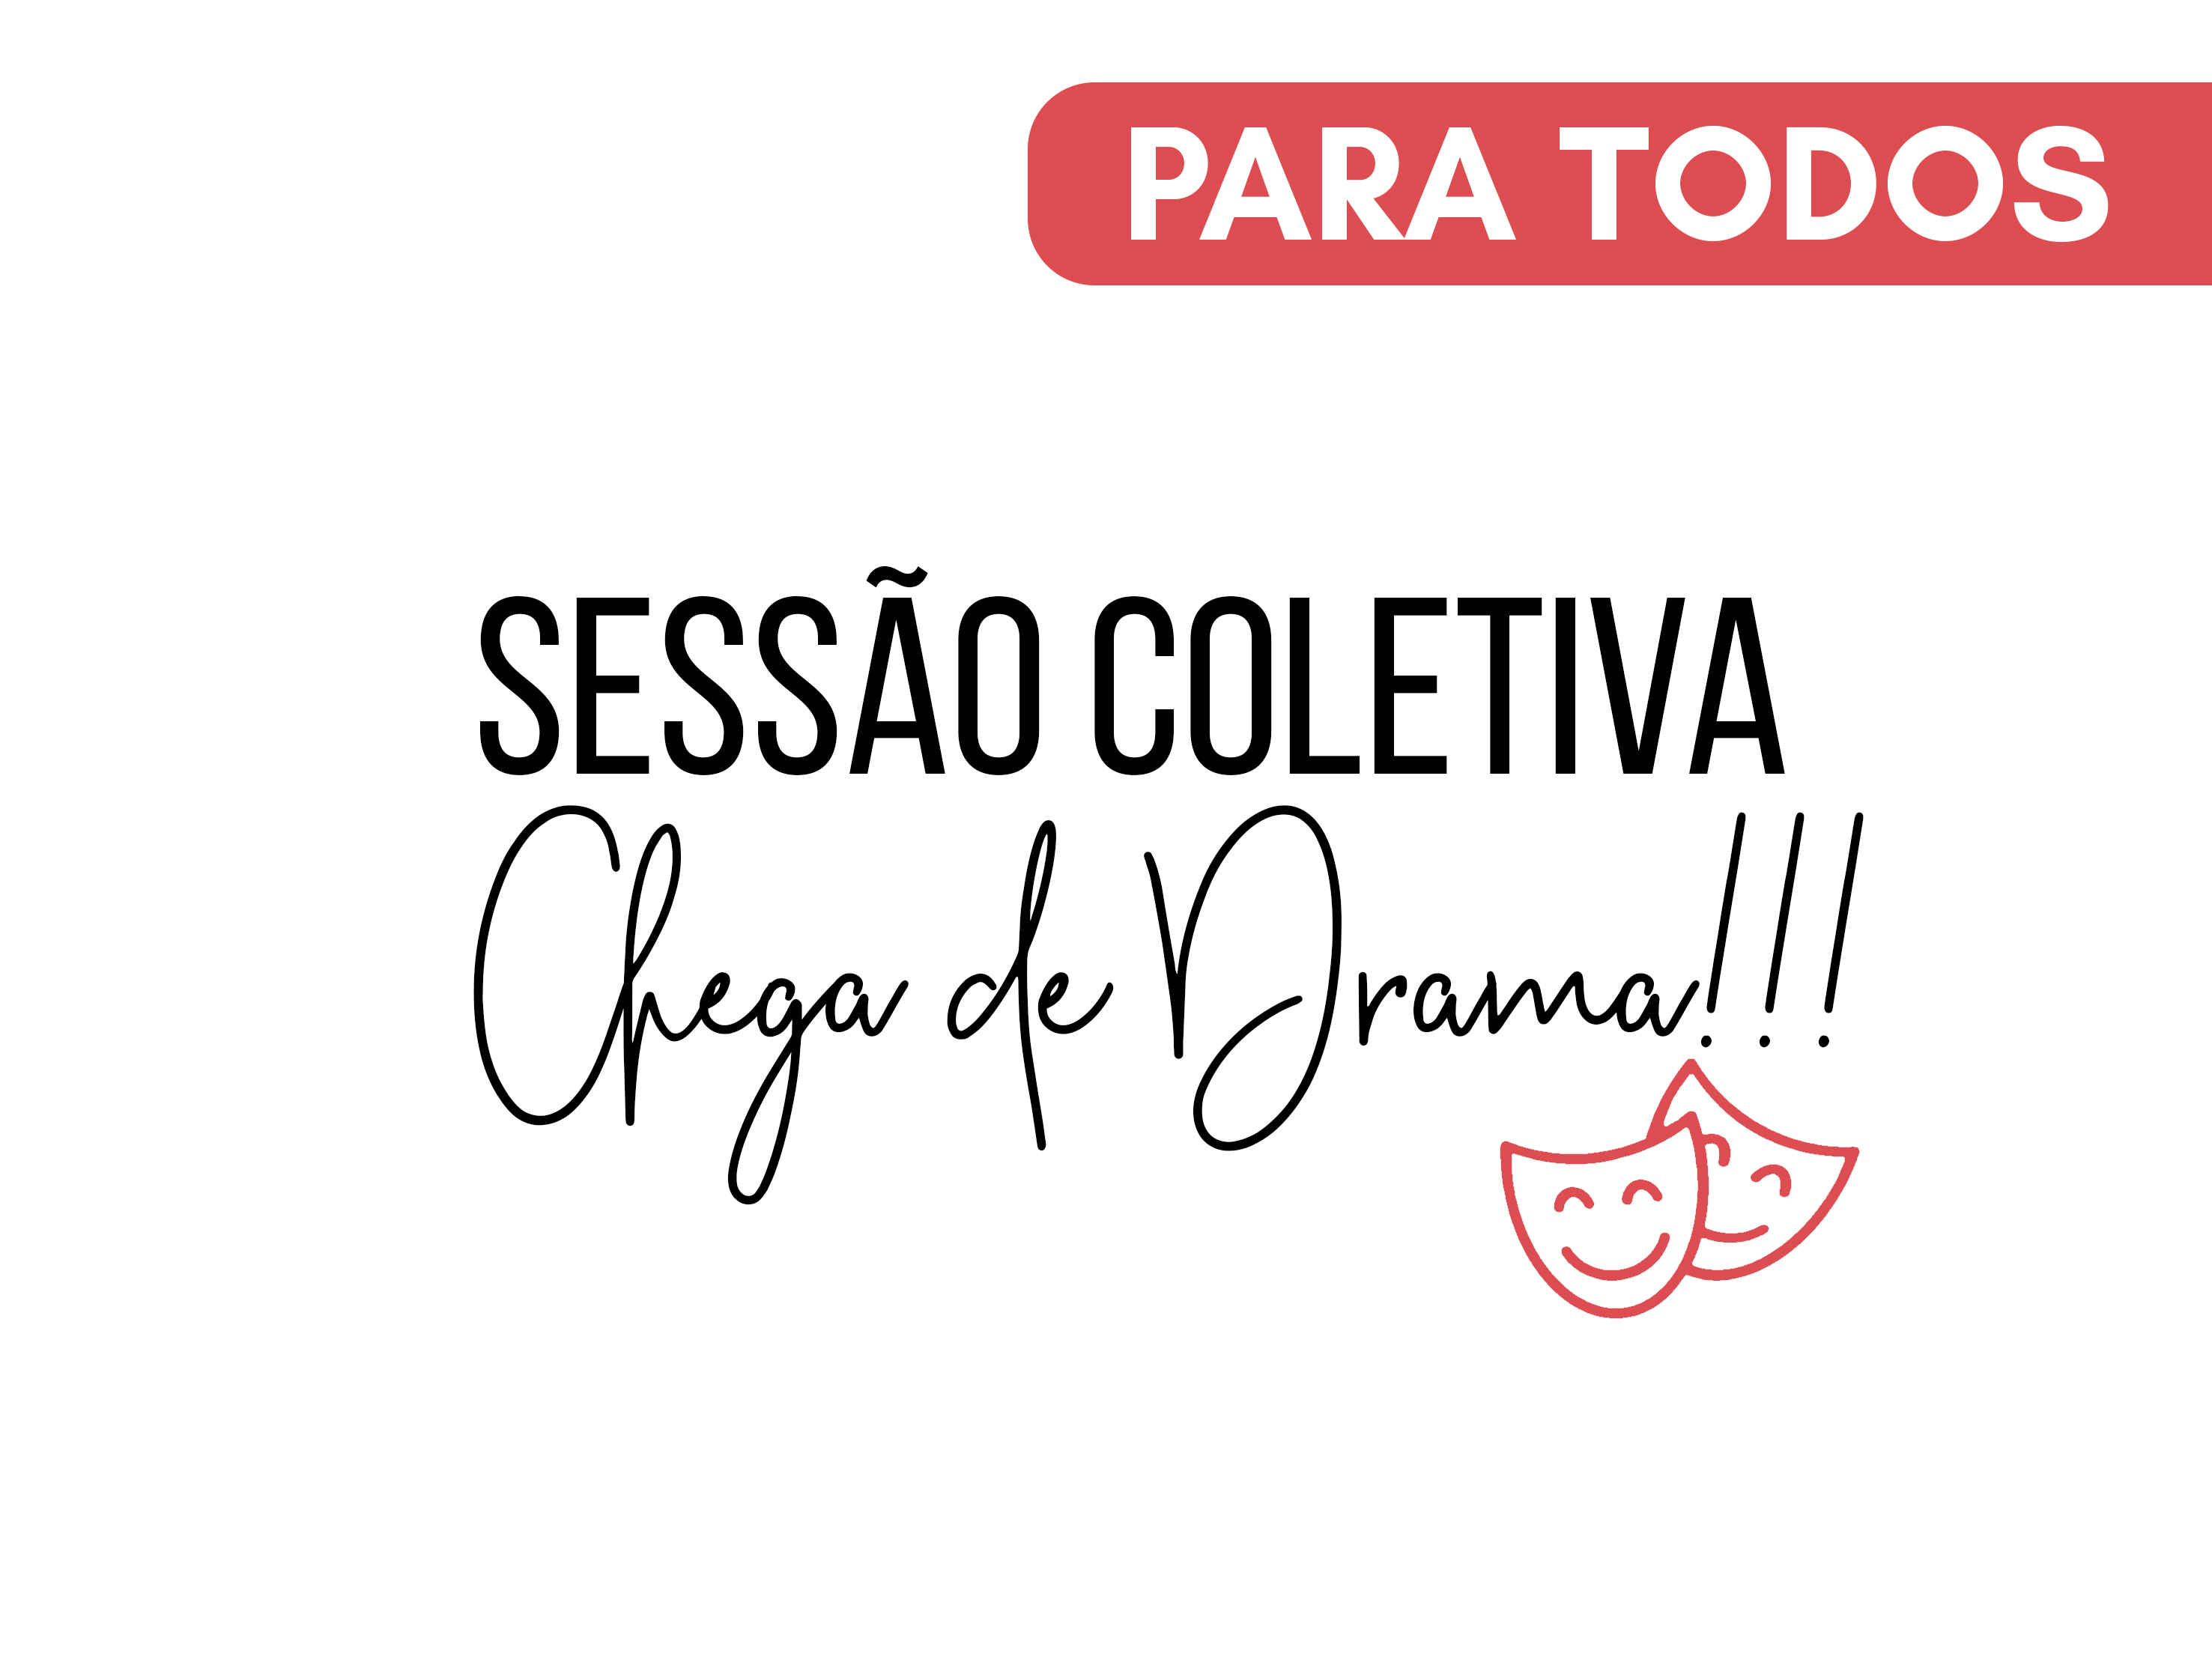 Capa do Curso Sessão Coletiva - Chega de drama!